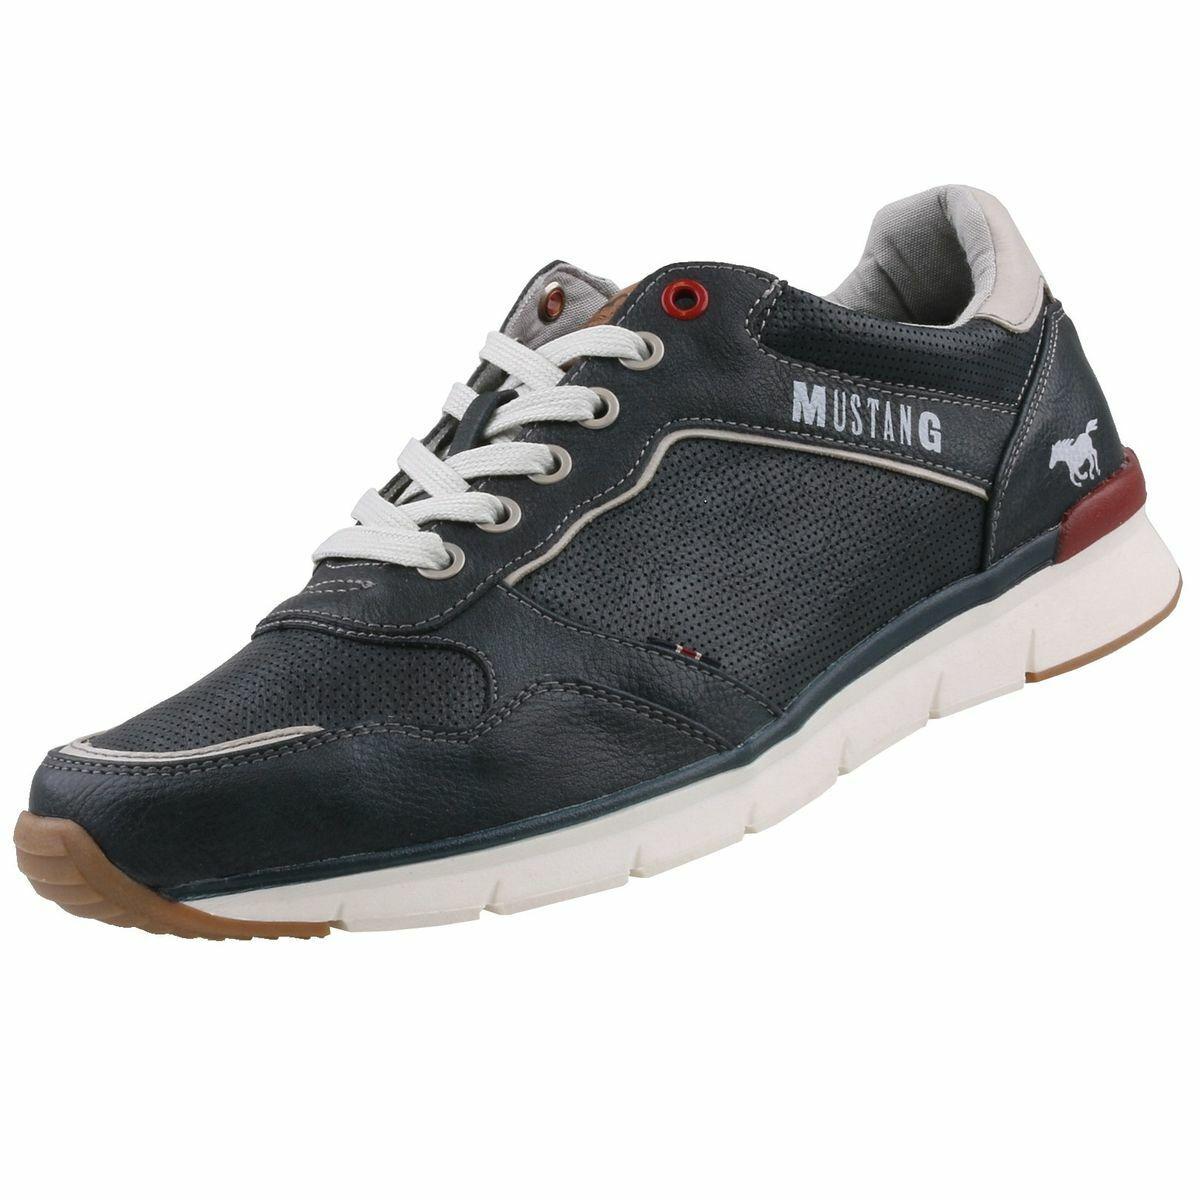 Neu MUSTANG Herrenschuhe Turnschuhe Halbschuhe Schnürschuhe FreizeitTurnschuhe Schuhe   | Einfach zu spielen, freies Leben